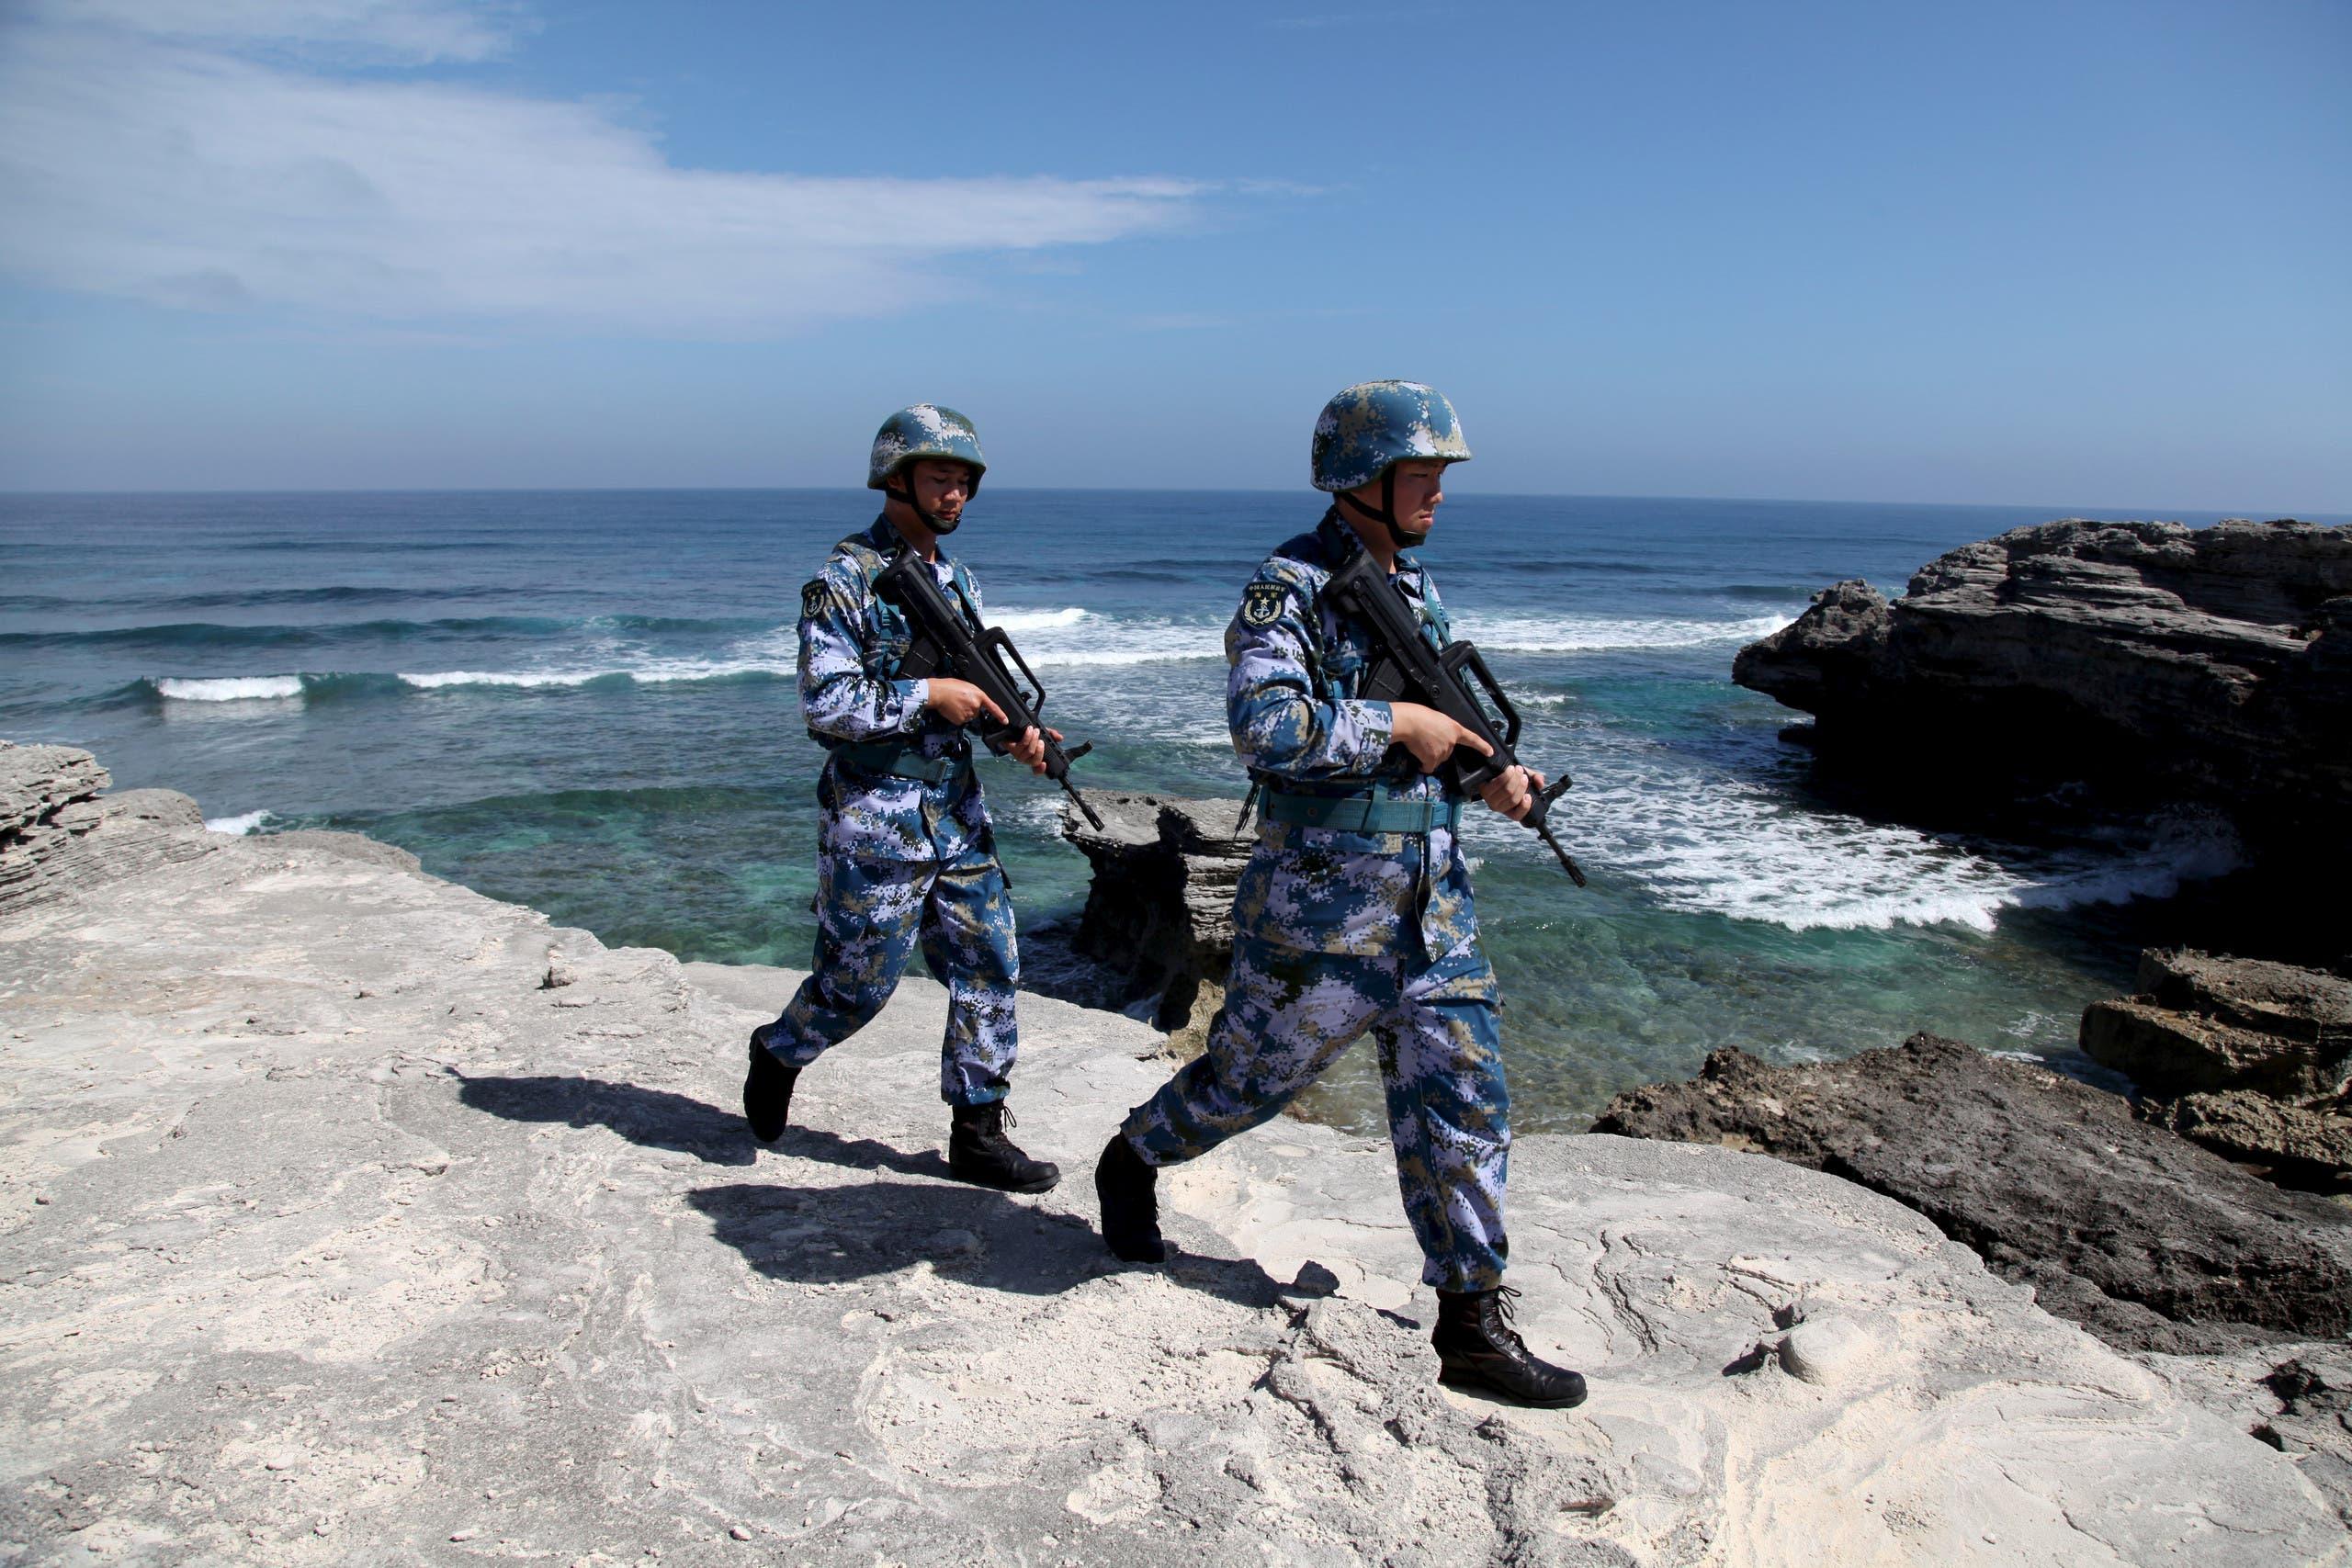 جنود صينيون في جزر باراسيل (أرشيفية)